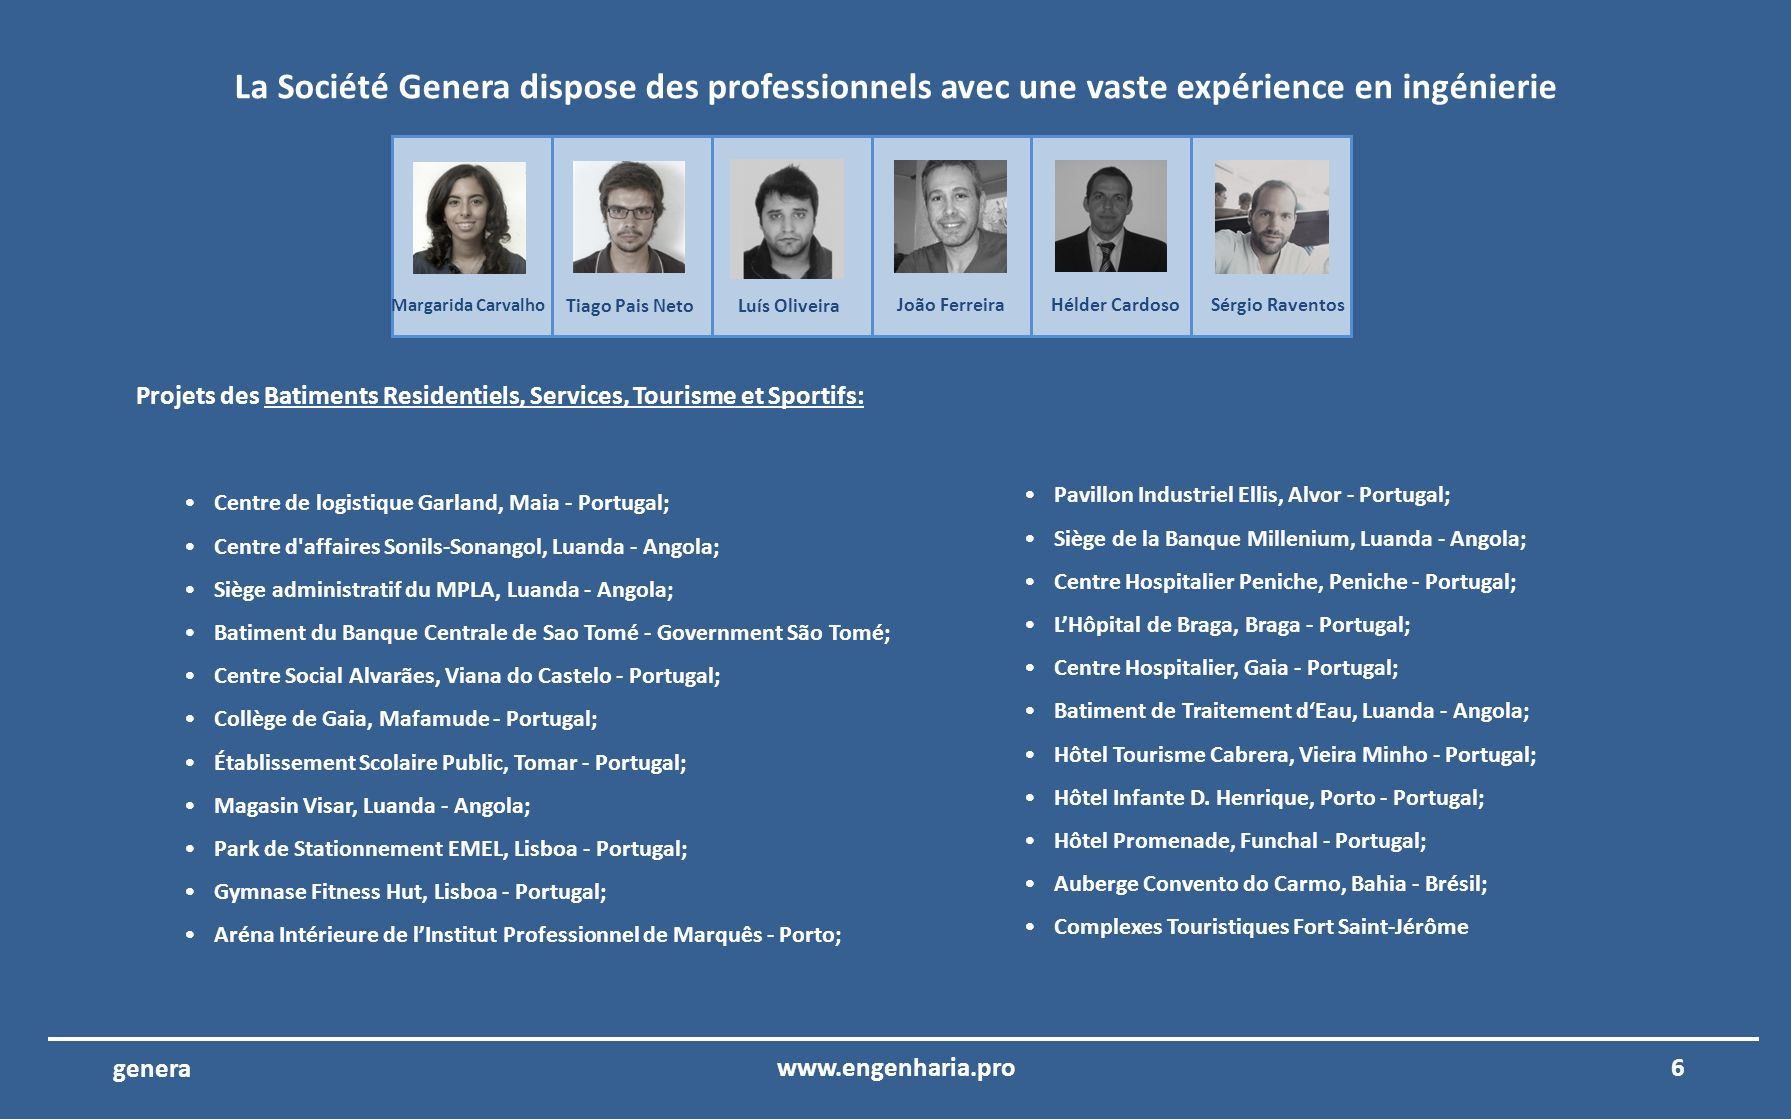 La Société Genera dispose des professionnels avec une vaste expérience en ingénierie